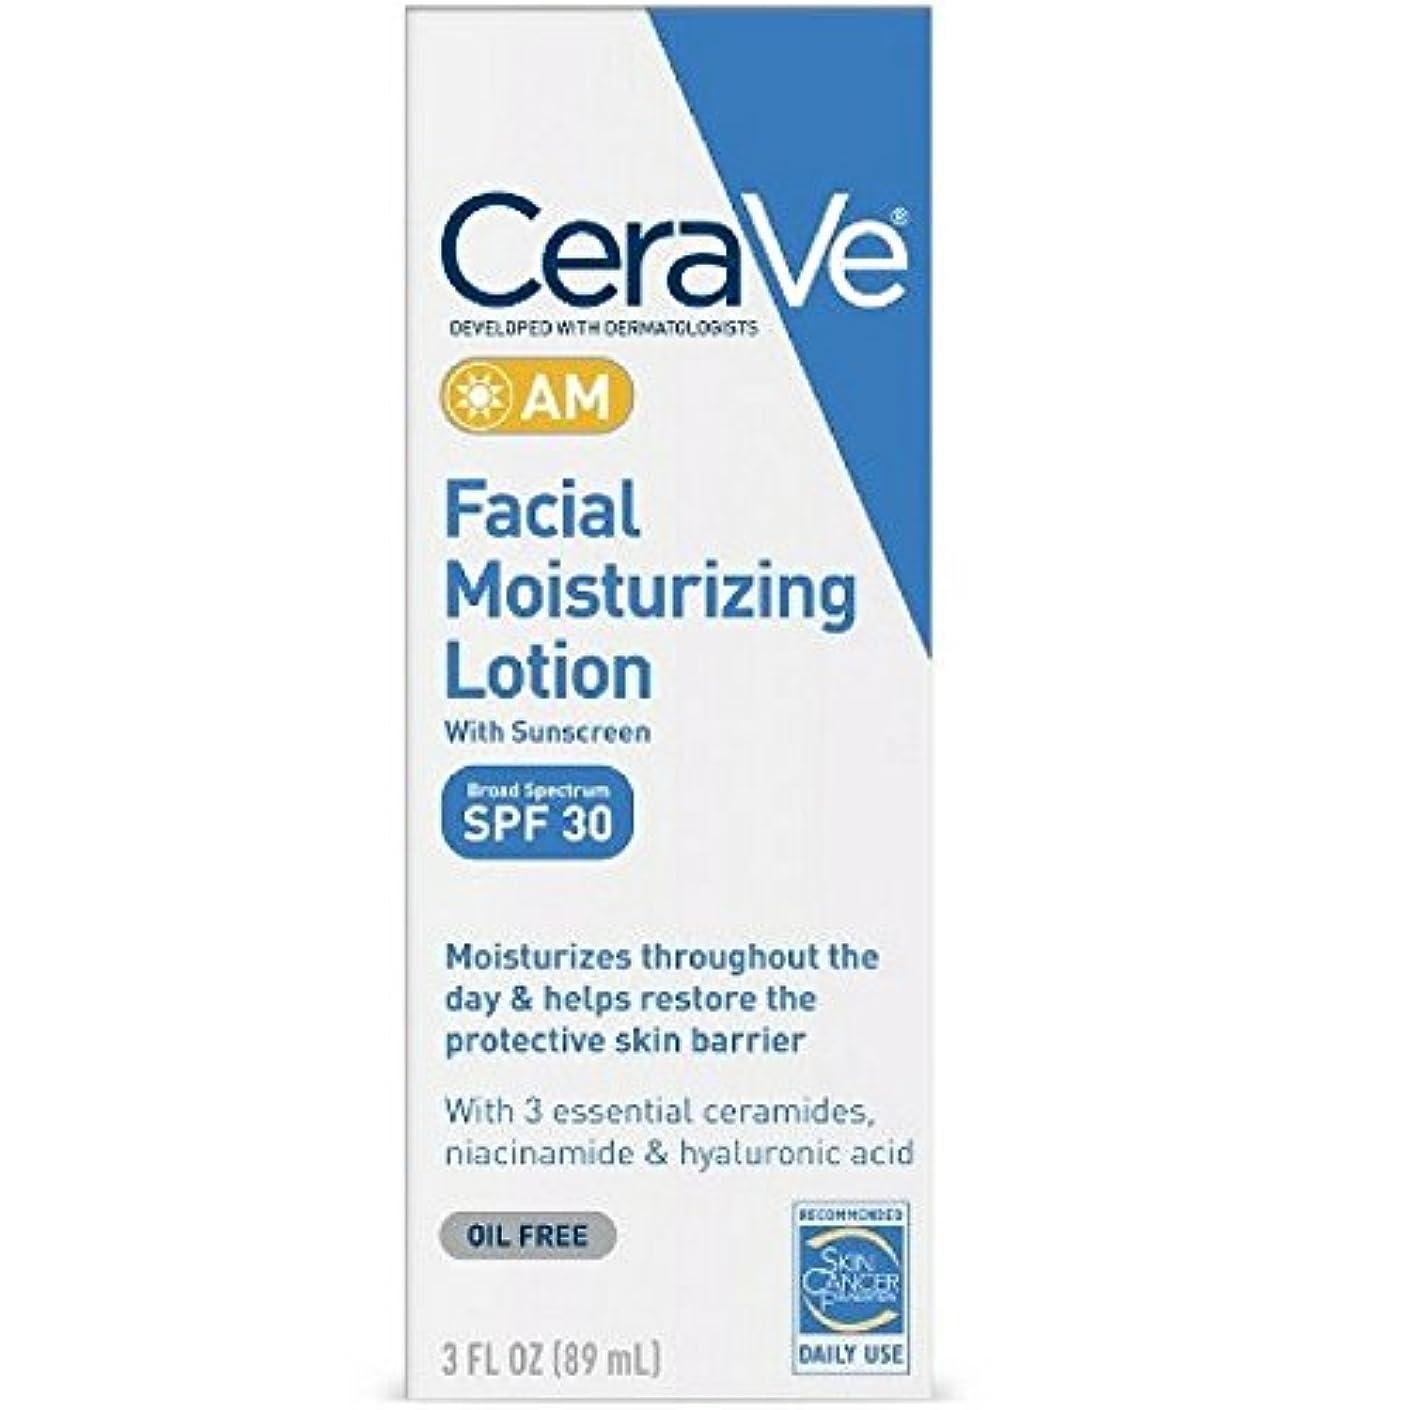 欲しいです期限消費するCerave Cerave Day Time Facial Moisturizing Lotion AM